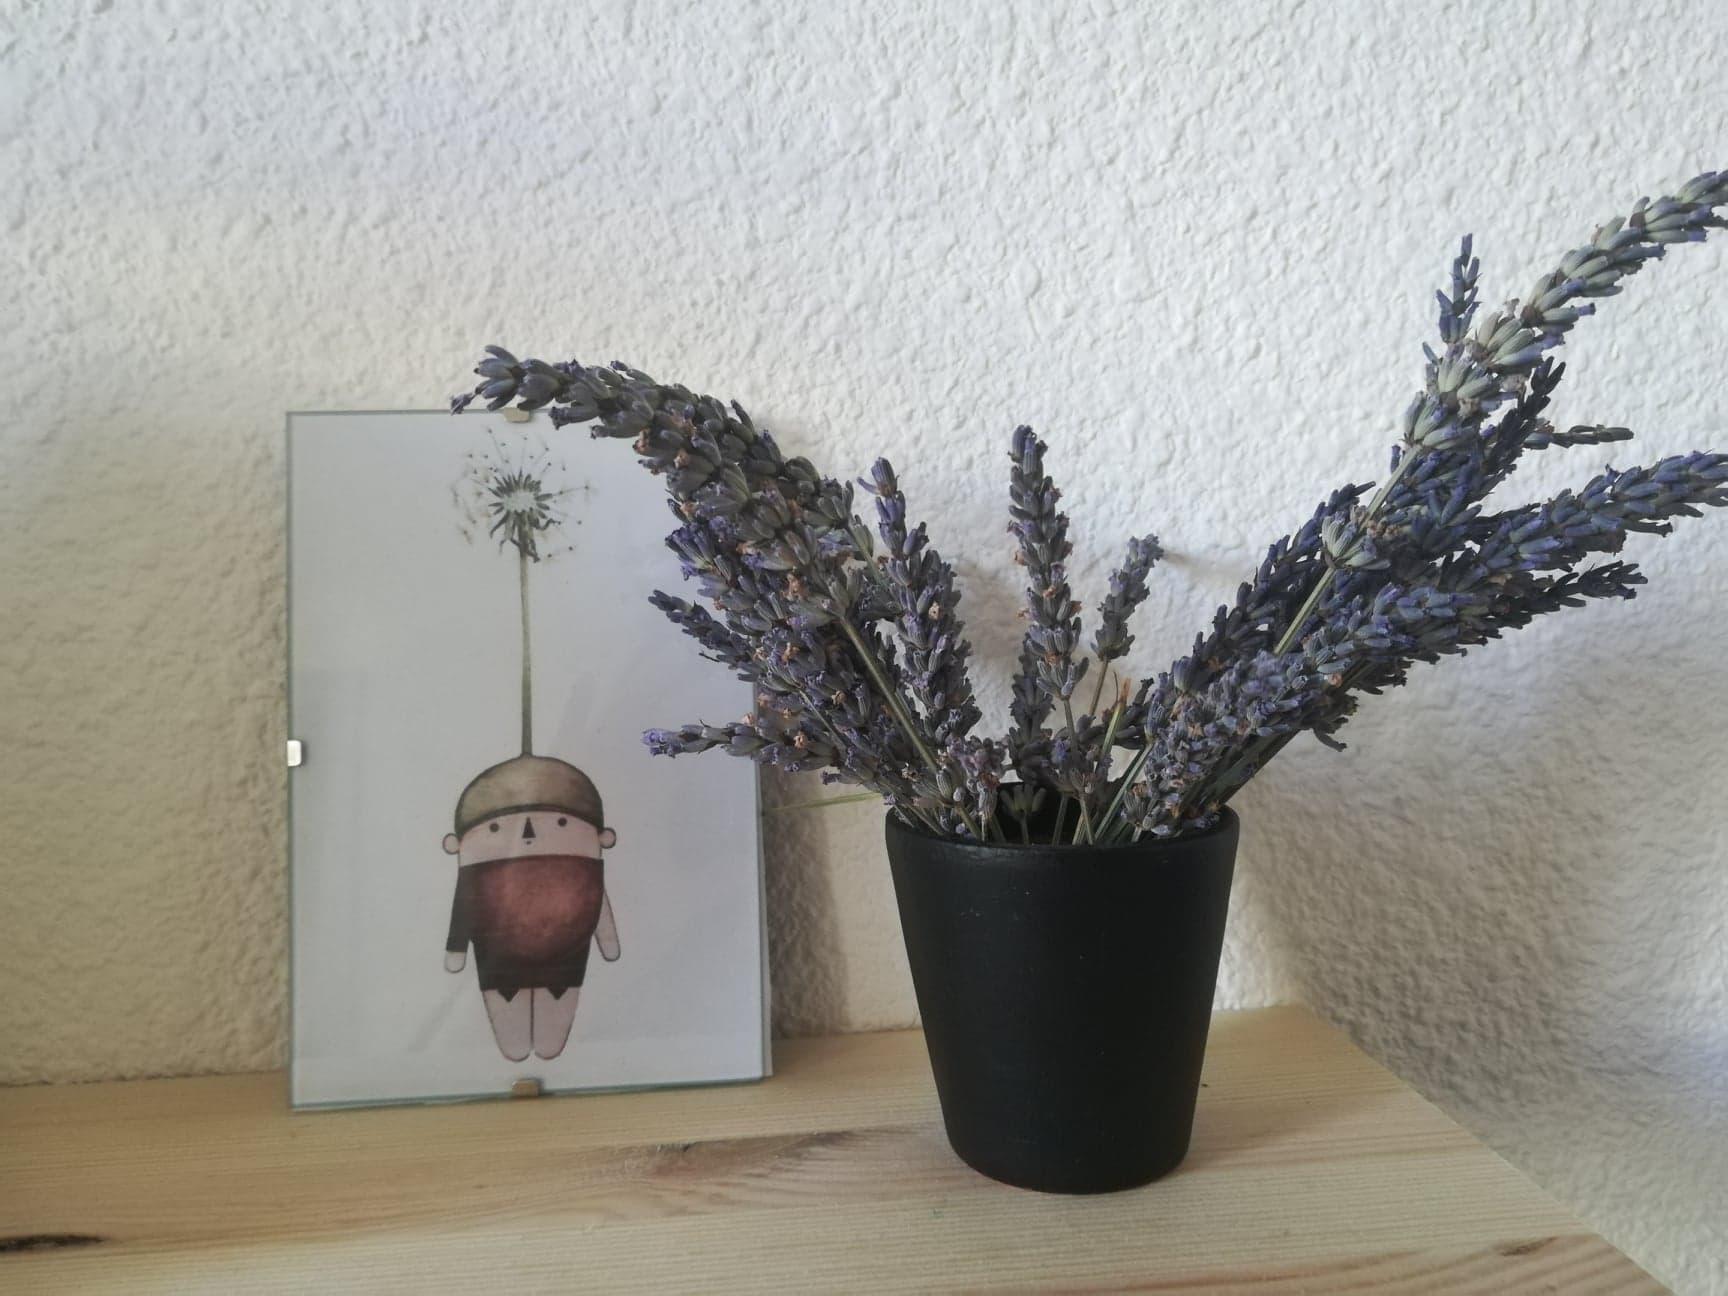 Sur un étagère en bois un petit pot de fleur noir héberge un bouquet de lavande. À côté, un cadre photo met en valeur un dessin. Celui-ci représente un petit personnage avec une sorte de chapeau pissenlit, il a l'air de voler.